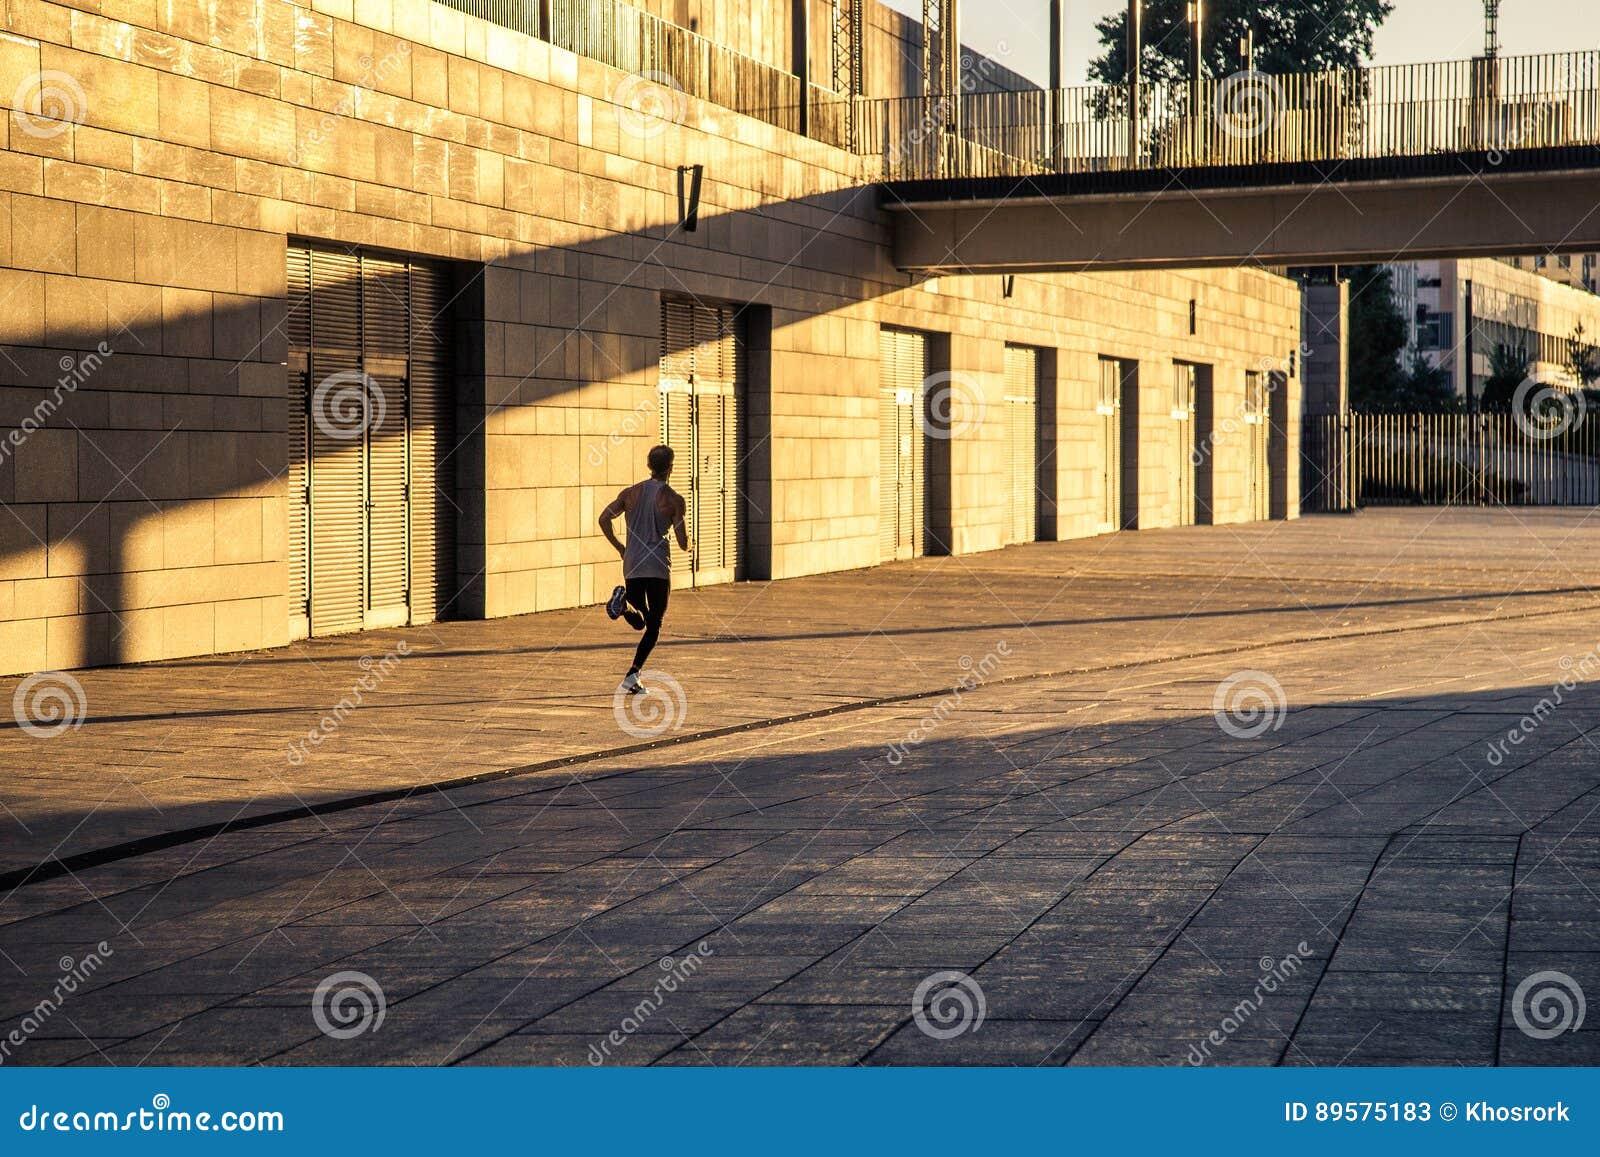 Постаретый спортсмен бежать на проселочной дороге, здоровом вдохновляющем образе жизни фитнеса, тренировке интервала скорости мот